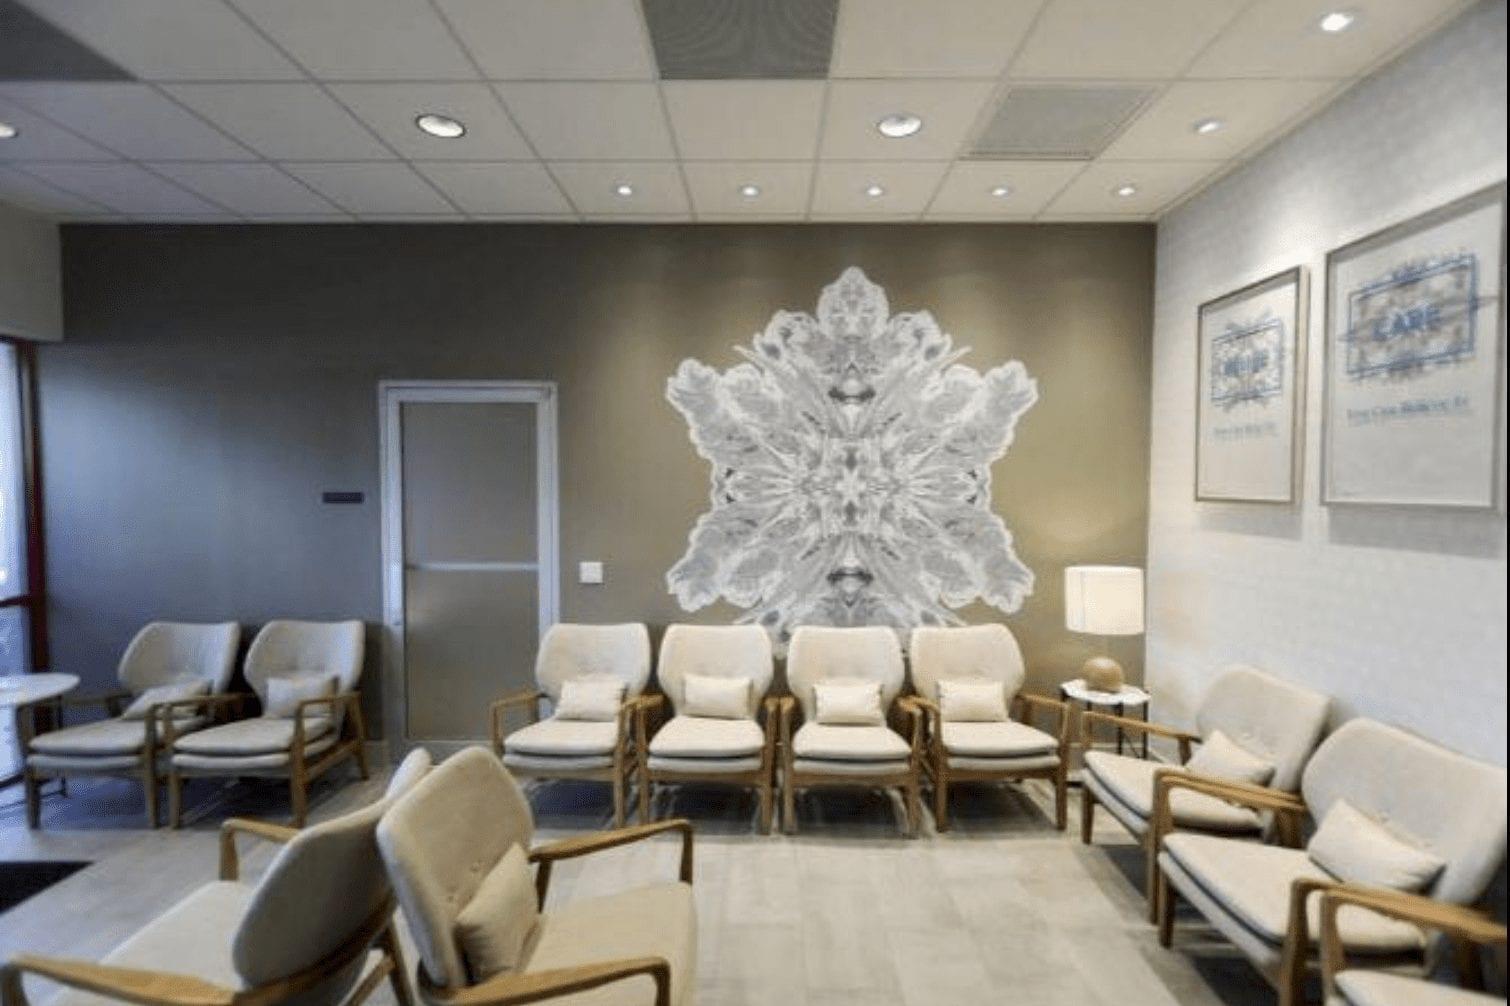 Lobby of Trulieve Medical Marijuana Treatment Center in Boynton Beach, FL [Bruce R. Bennet / The Palm Beach Post]